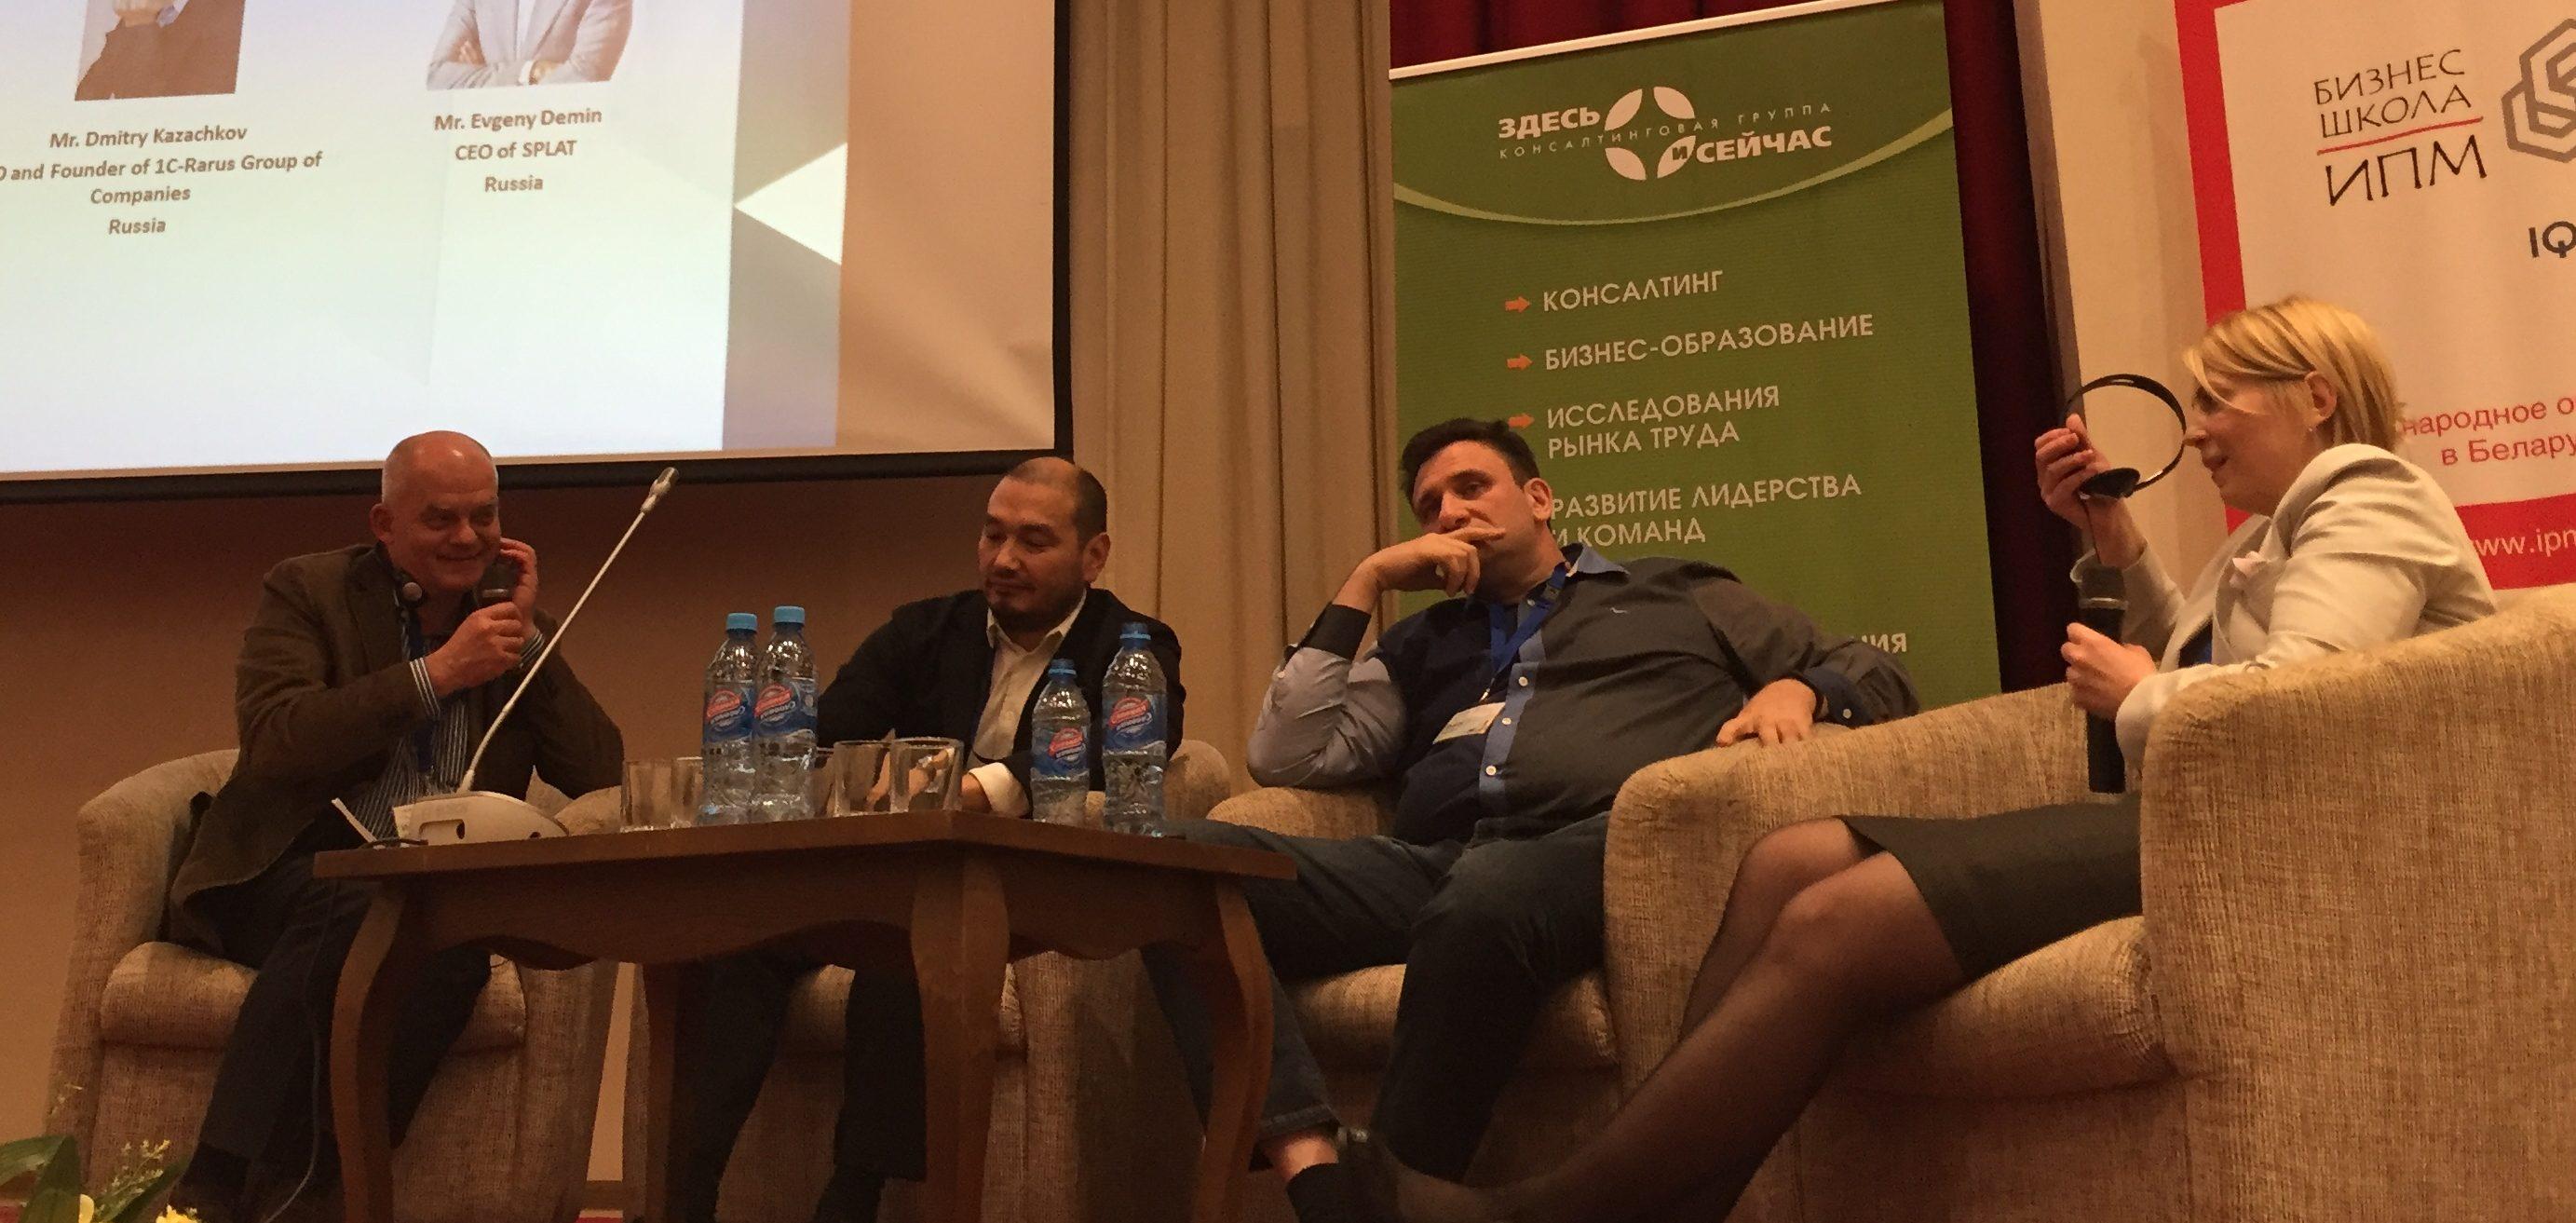 Specialistai iš viso pasaulio įvertino akademikų ir verslininkų bendradarbiavimo svarbą